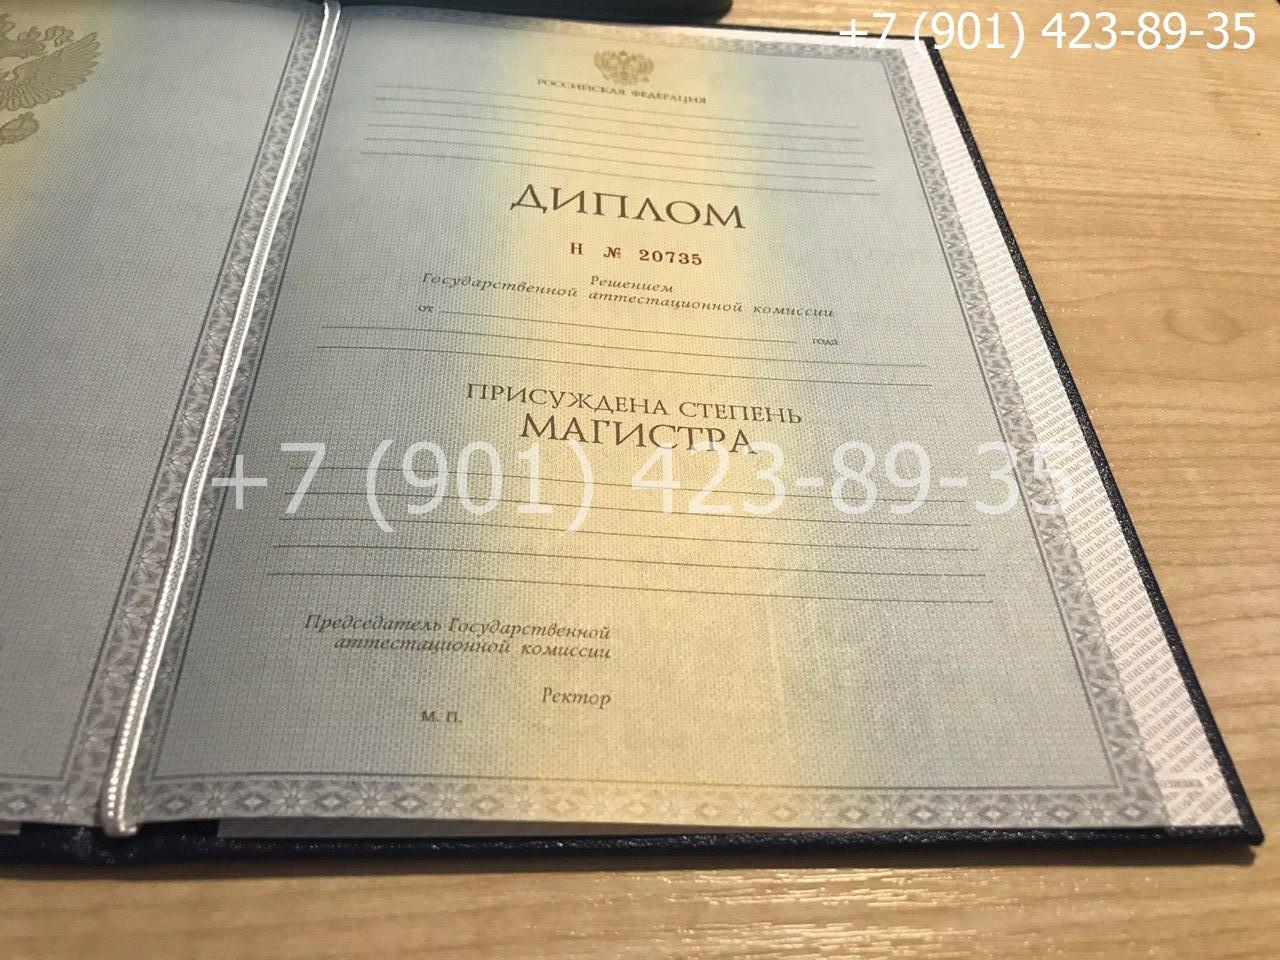 Диплом магистра 2011-2013 годов, старого образца